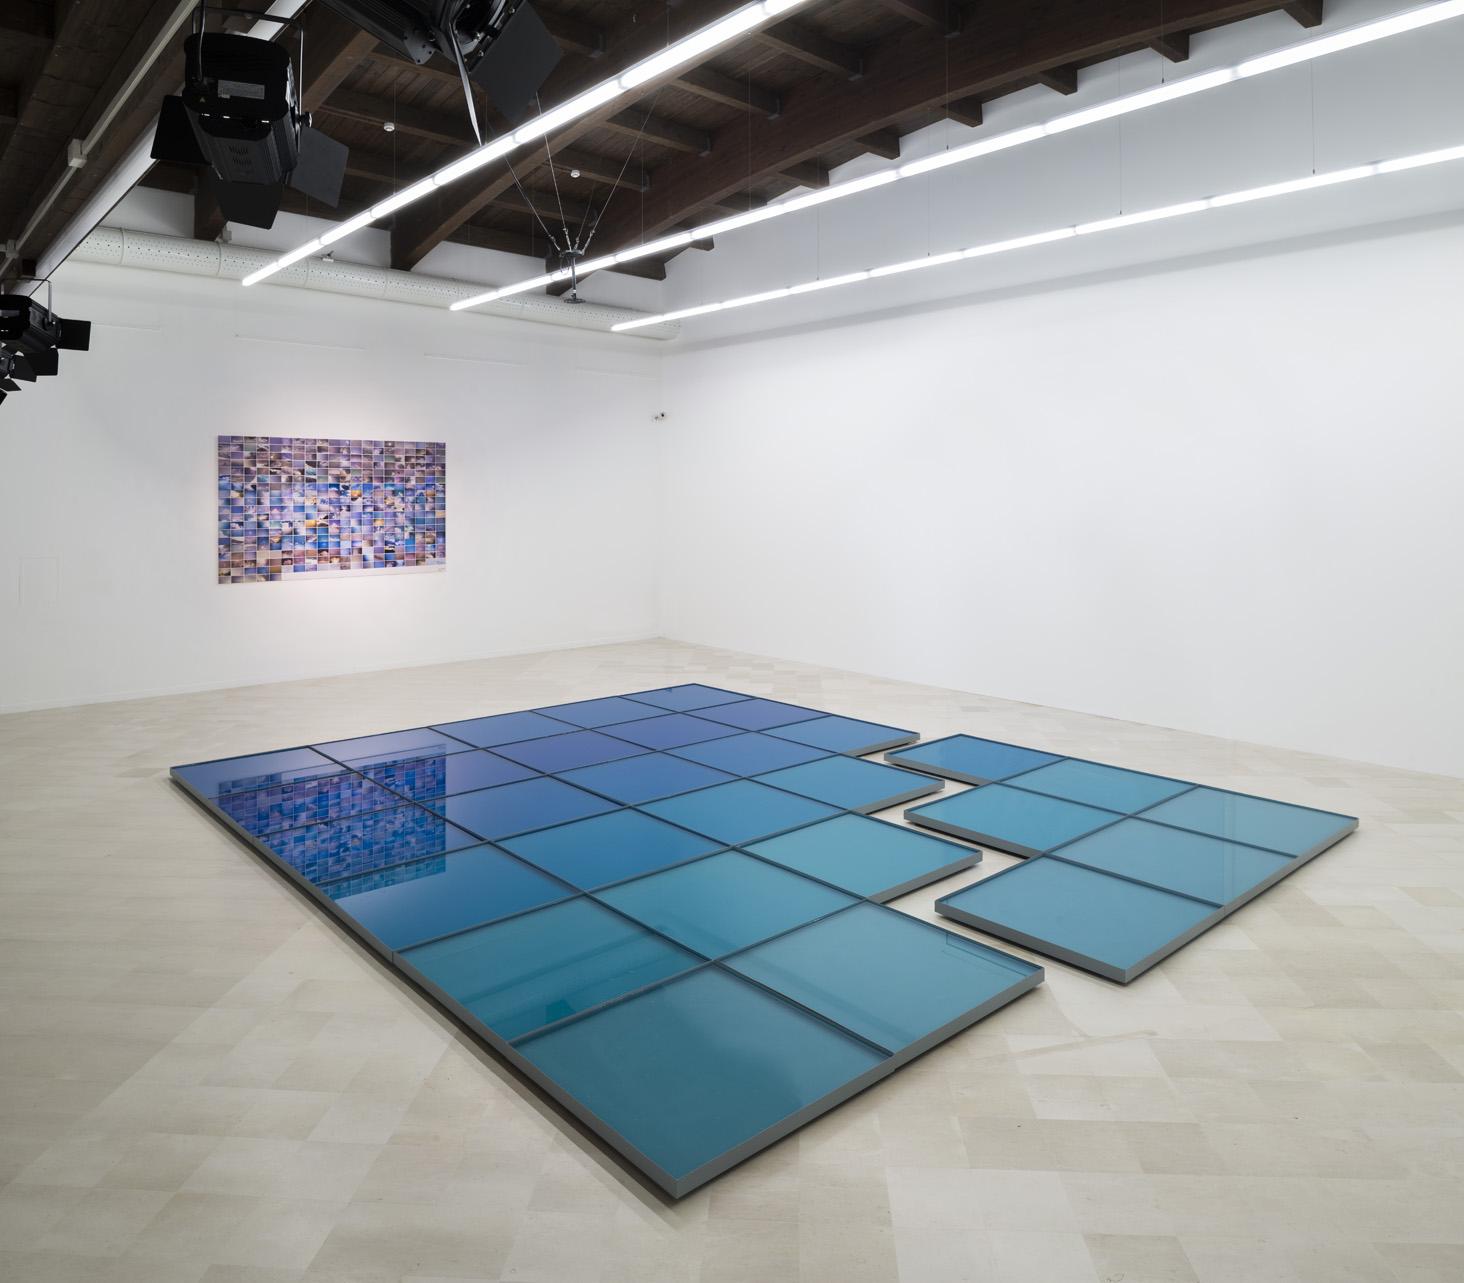 Veduta della mostra Pascali-Ghirri, 2014, Fondazione Pascali. Ph. C. Laera.